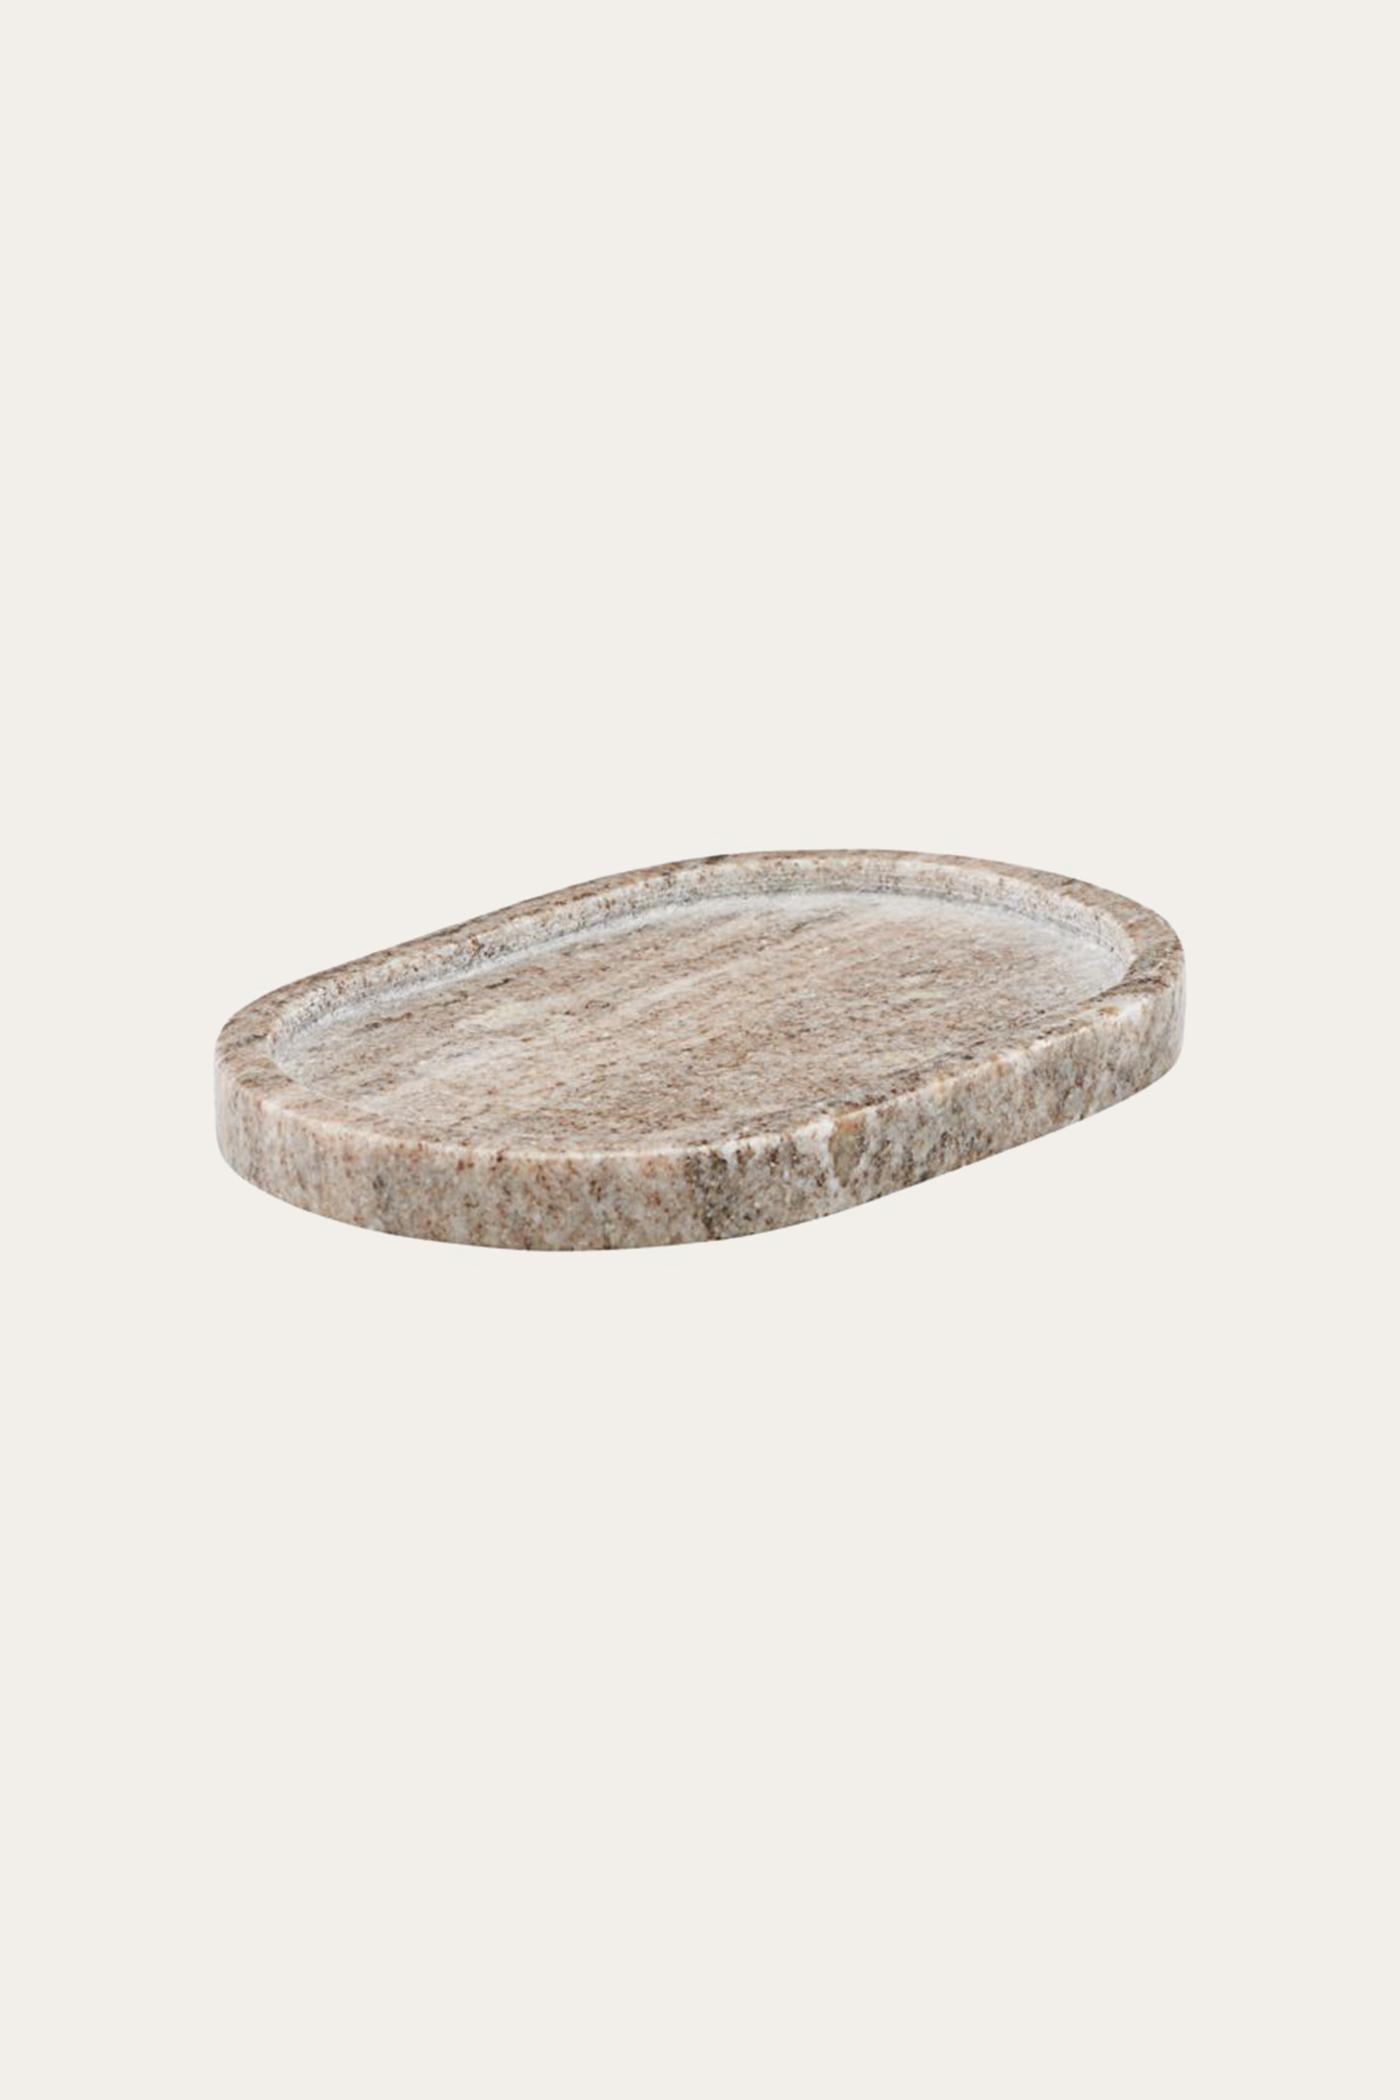 Meraki Oval Tray